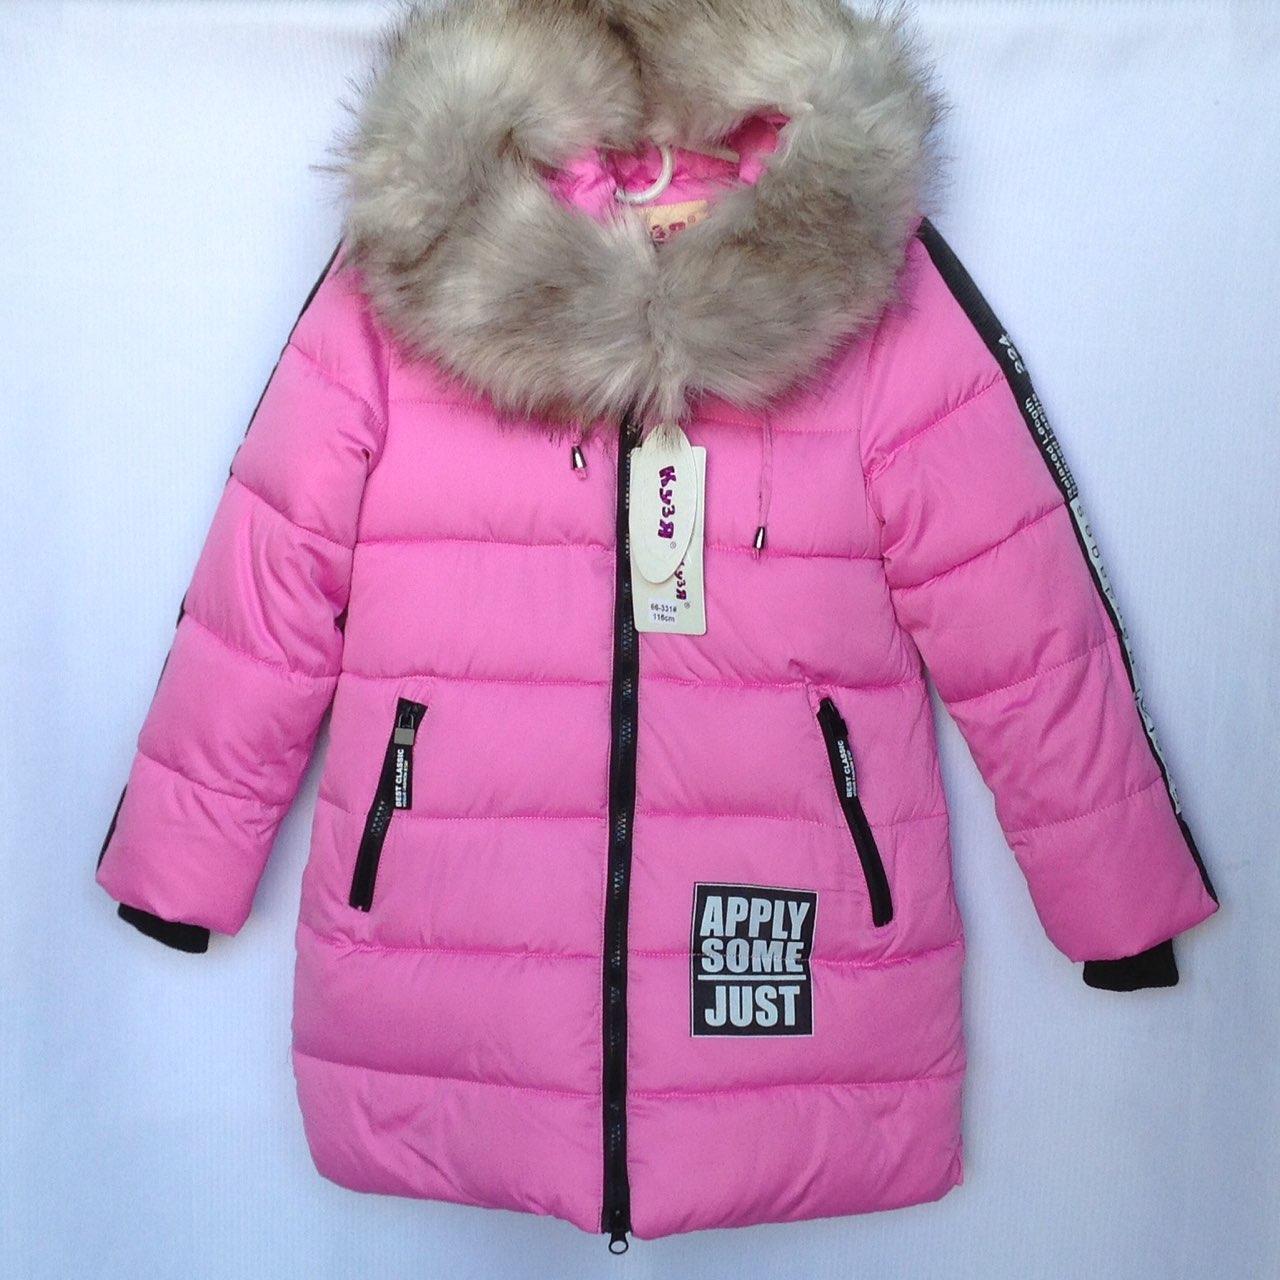 Куртка детская зимняя APPLY #66-331 для девочек. 116-140 см (6-10 лет). Фиалковая. Оптом.